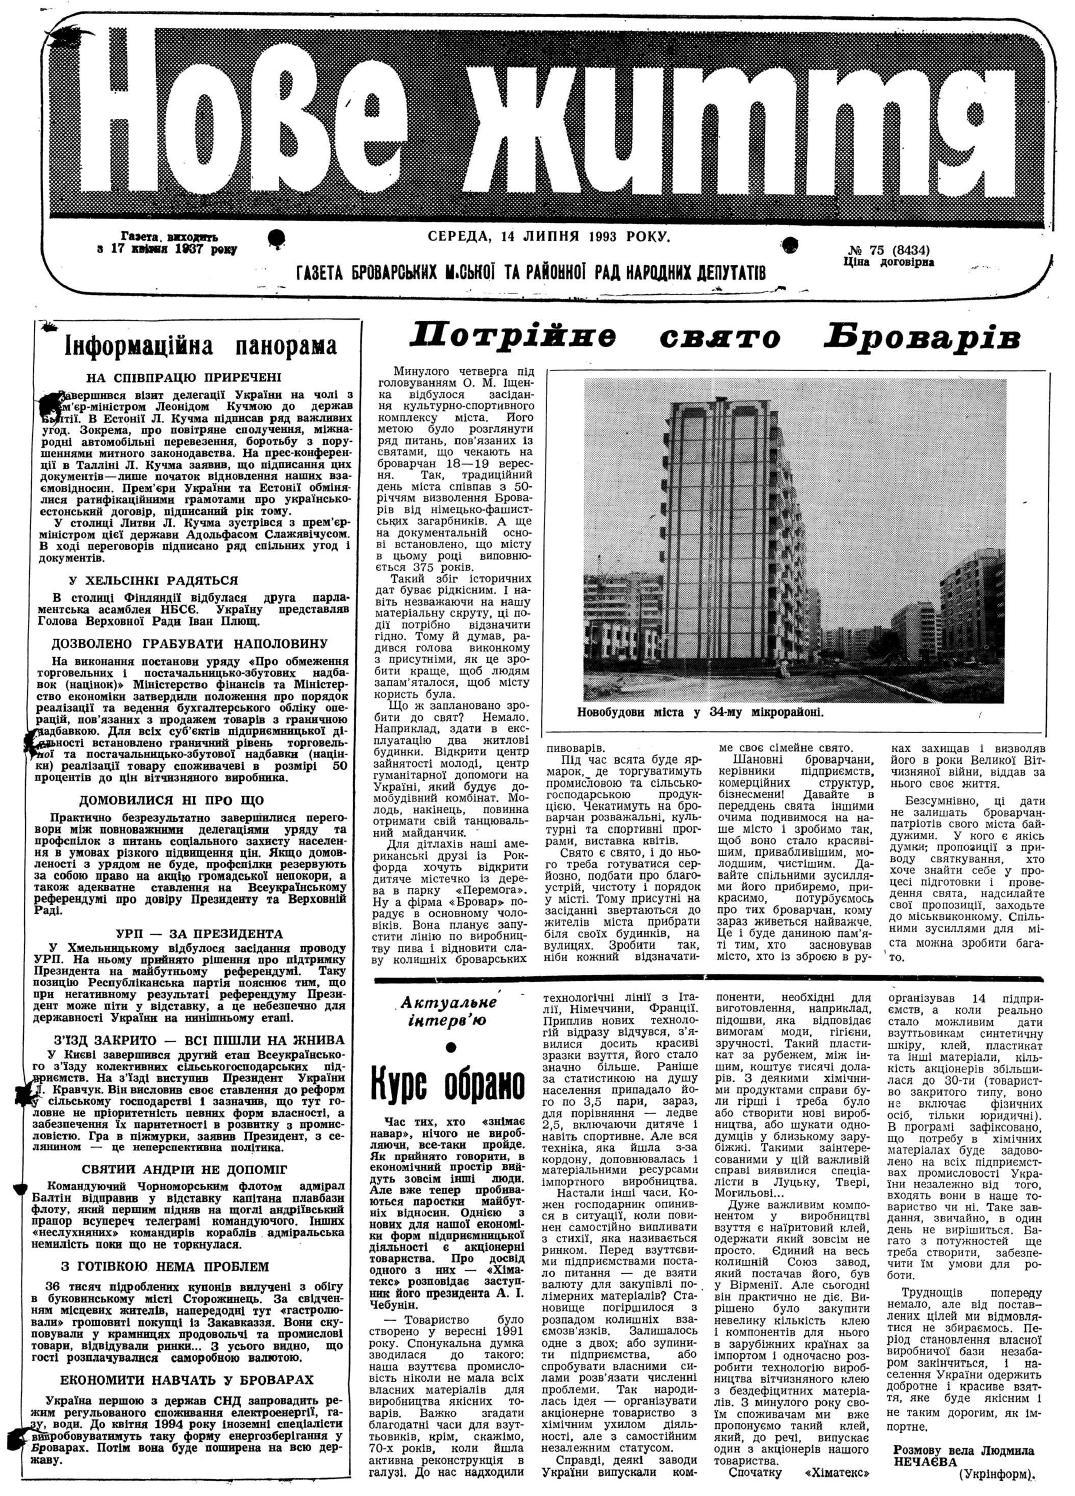 75 1993 by Igor Starodub - issuu dae61adf1af83